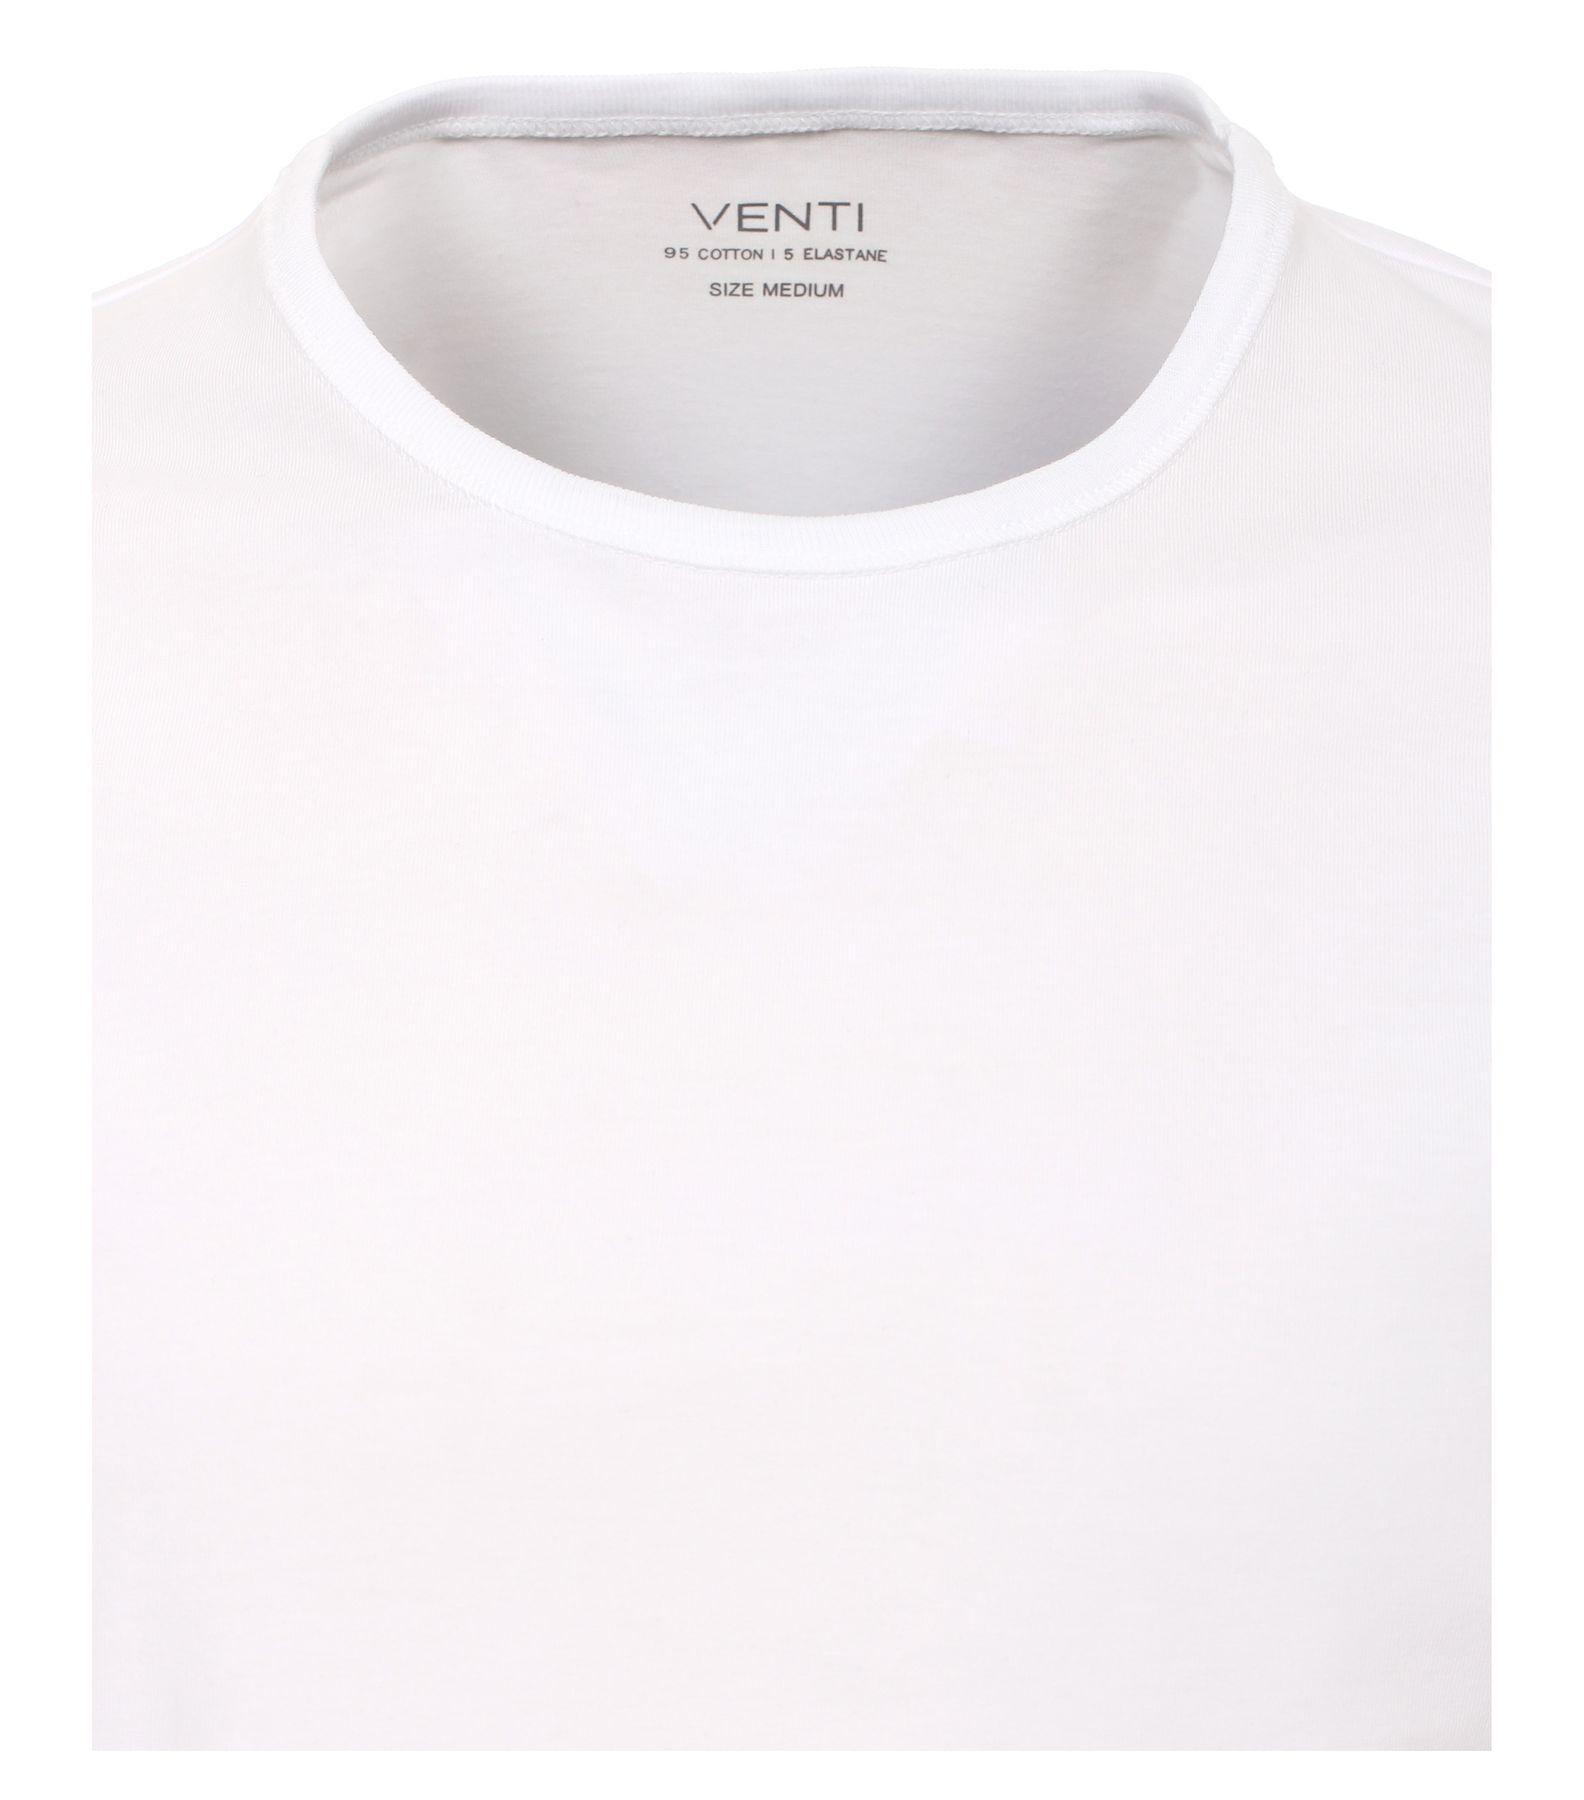 Venti - Herren T-Shirt mit Rundhals im 2er Pack, schwarz oder weiß, S-XXL (012500) – Bild 3